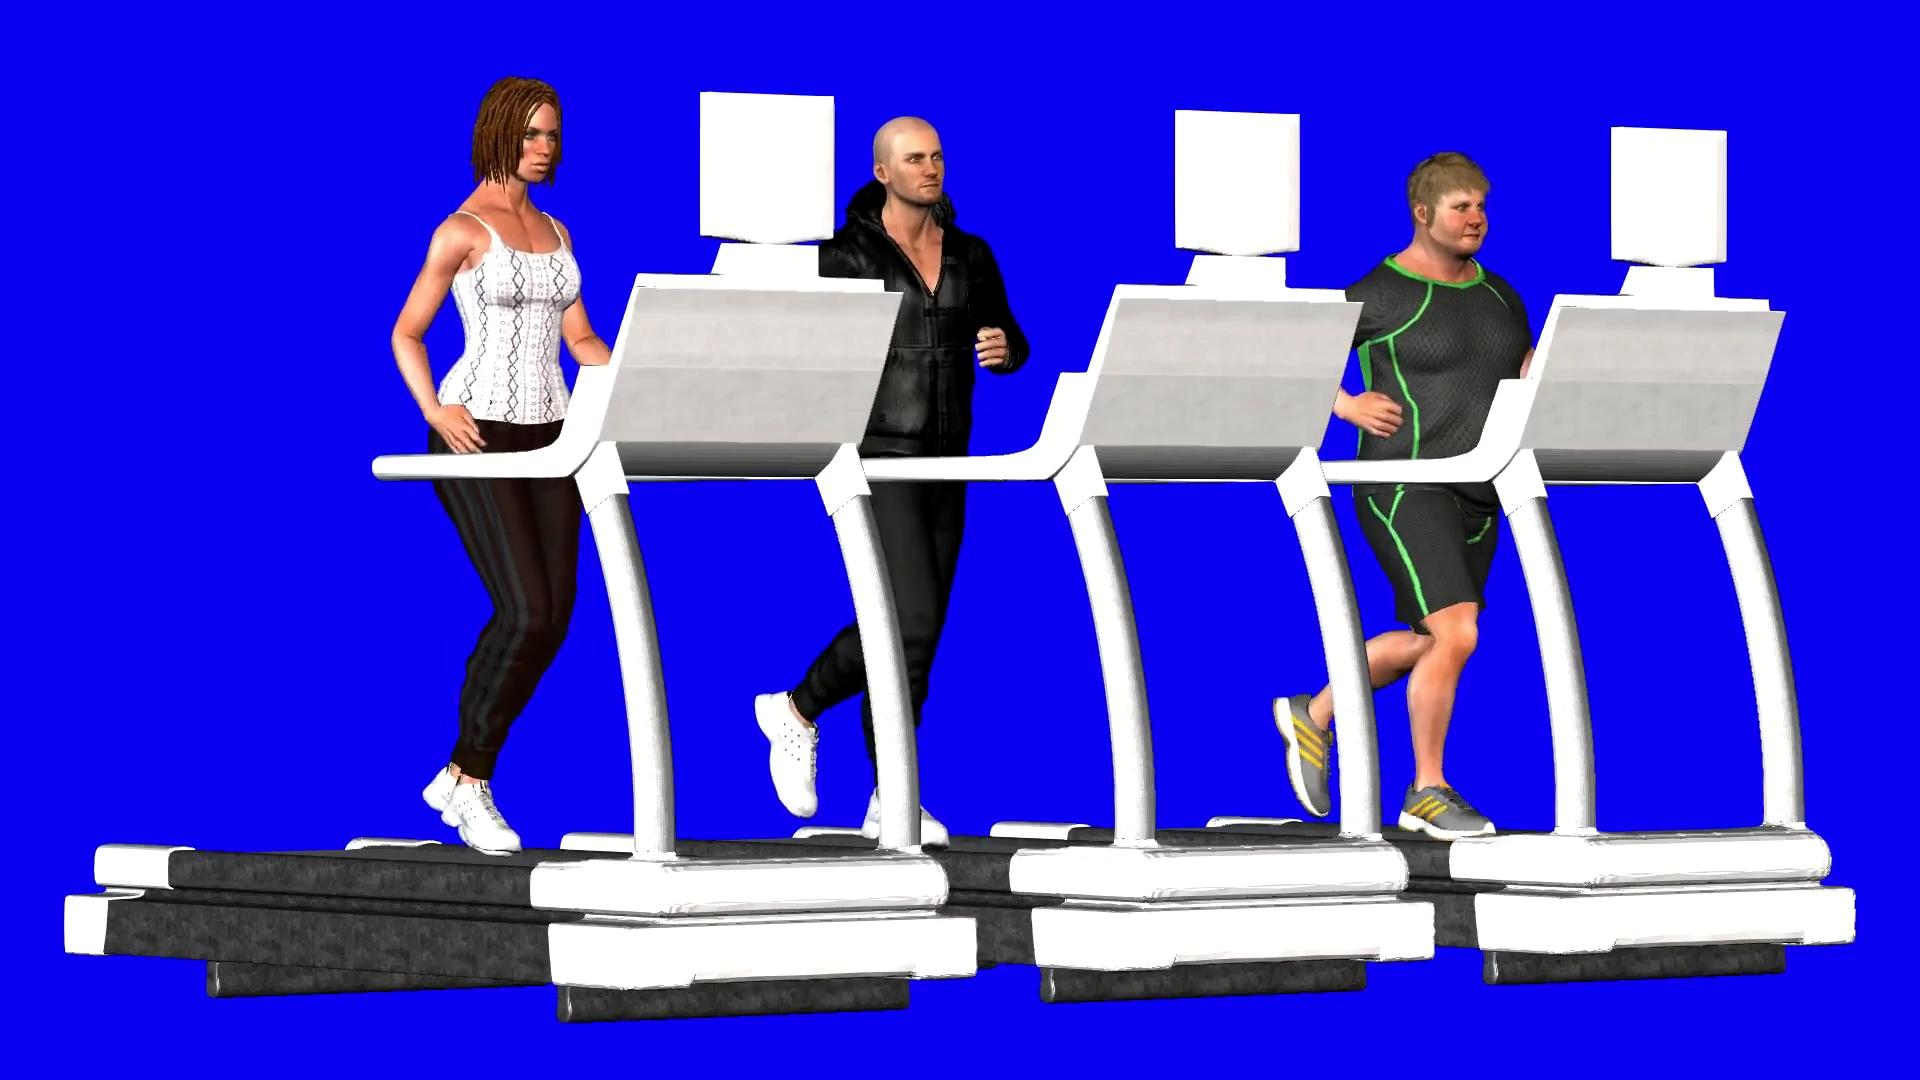 蓝屏扣像跑步机健身的人群